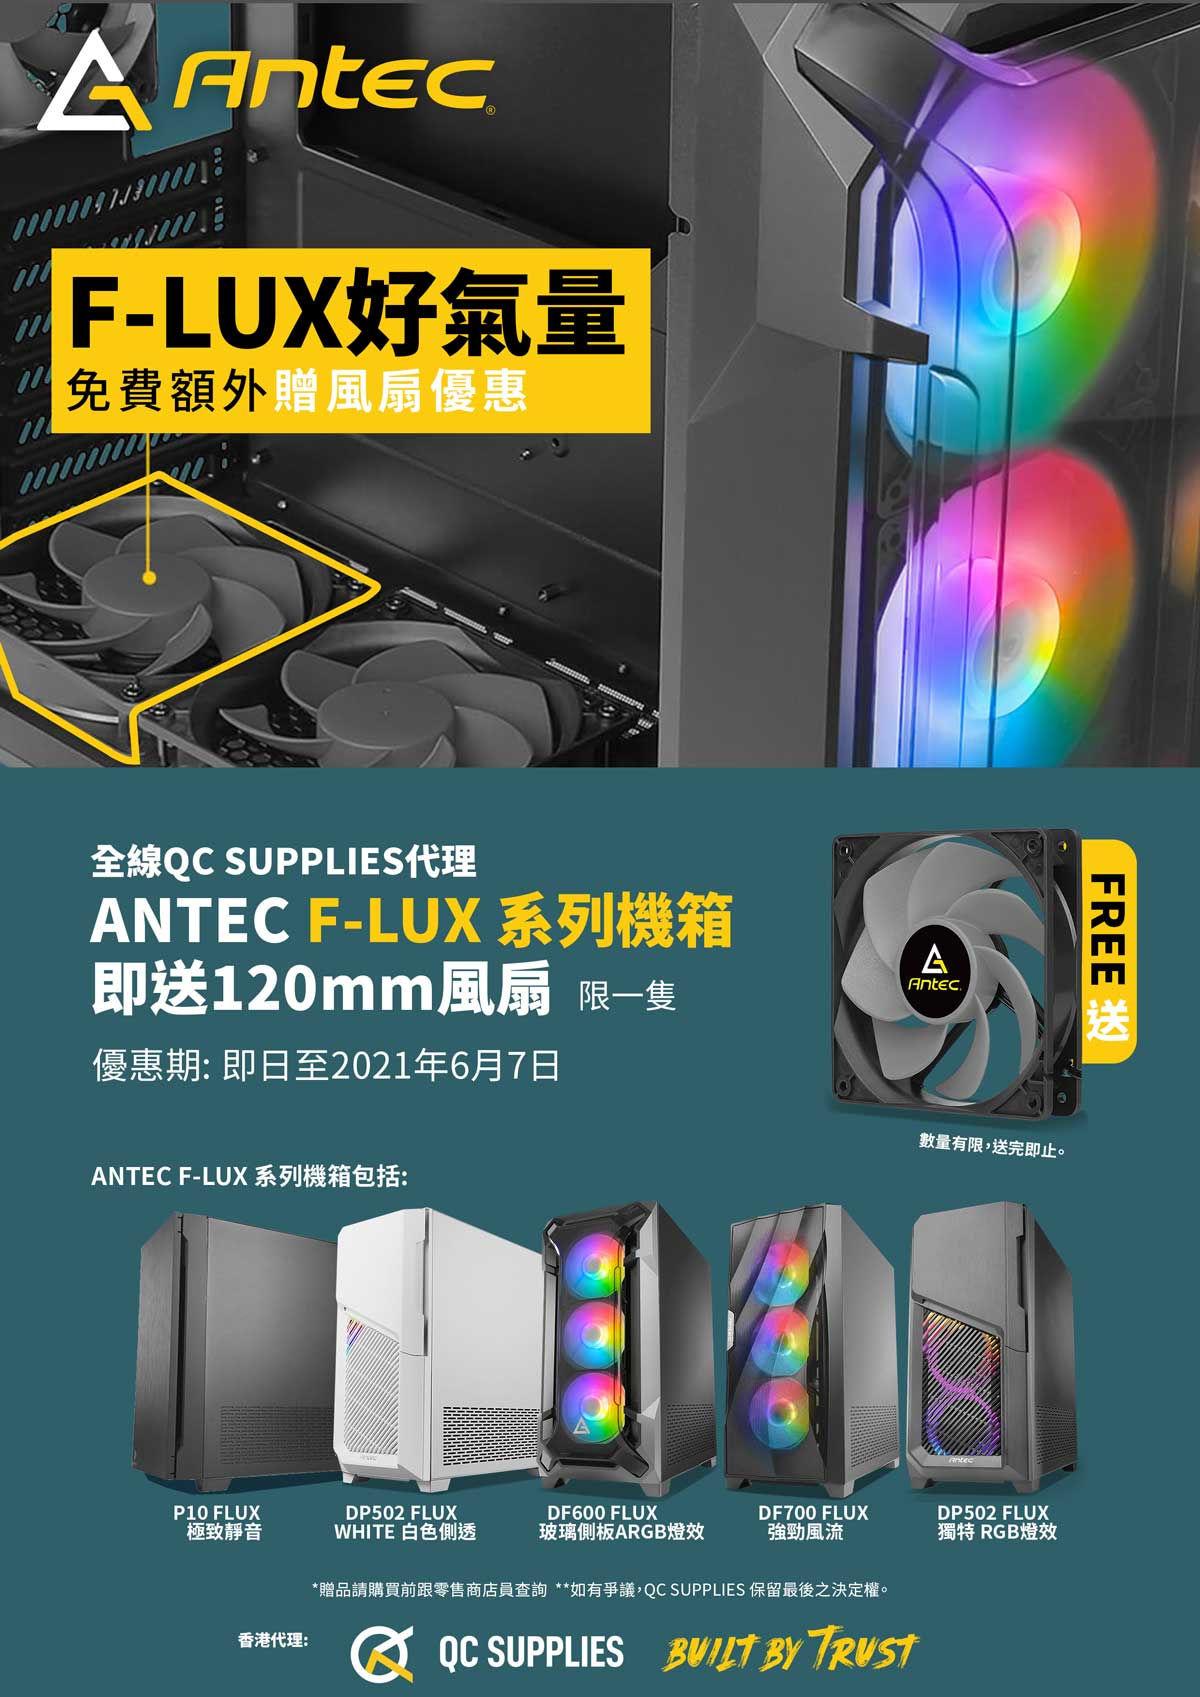 ANTEC FLUX Promo